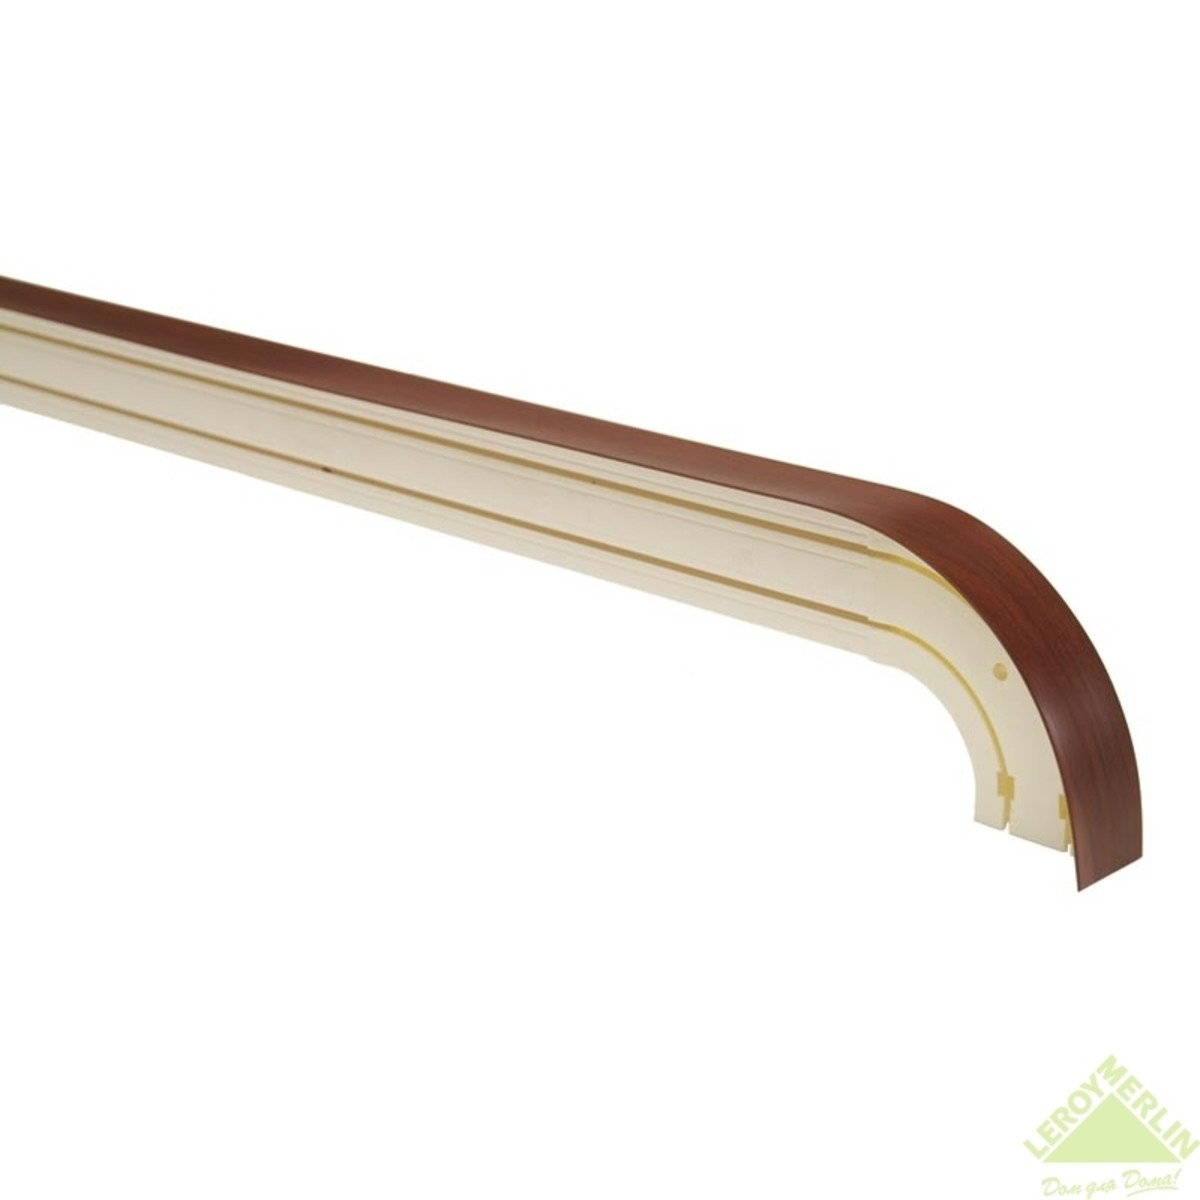 Бленда 75 мм для пластикового карниза темный орех 1 пог.м